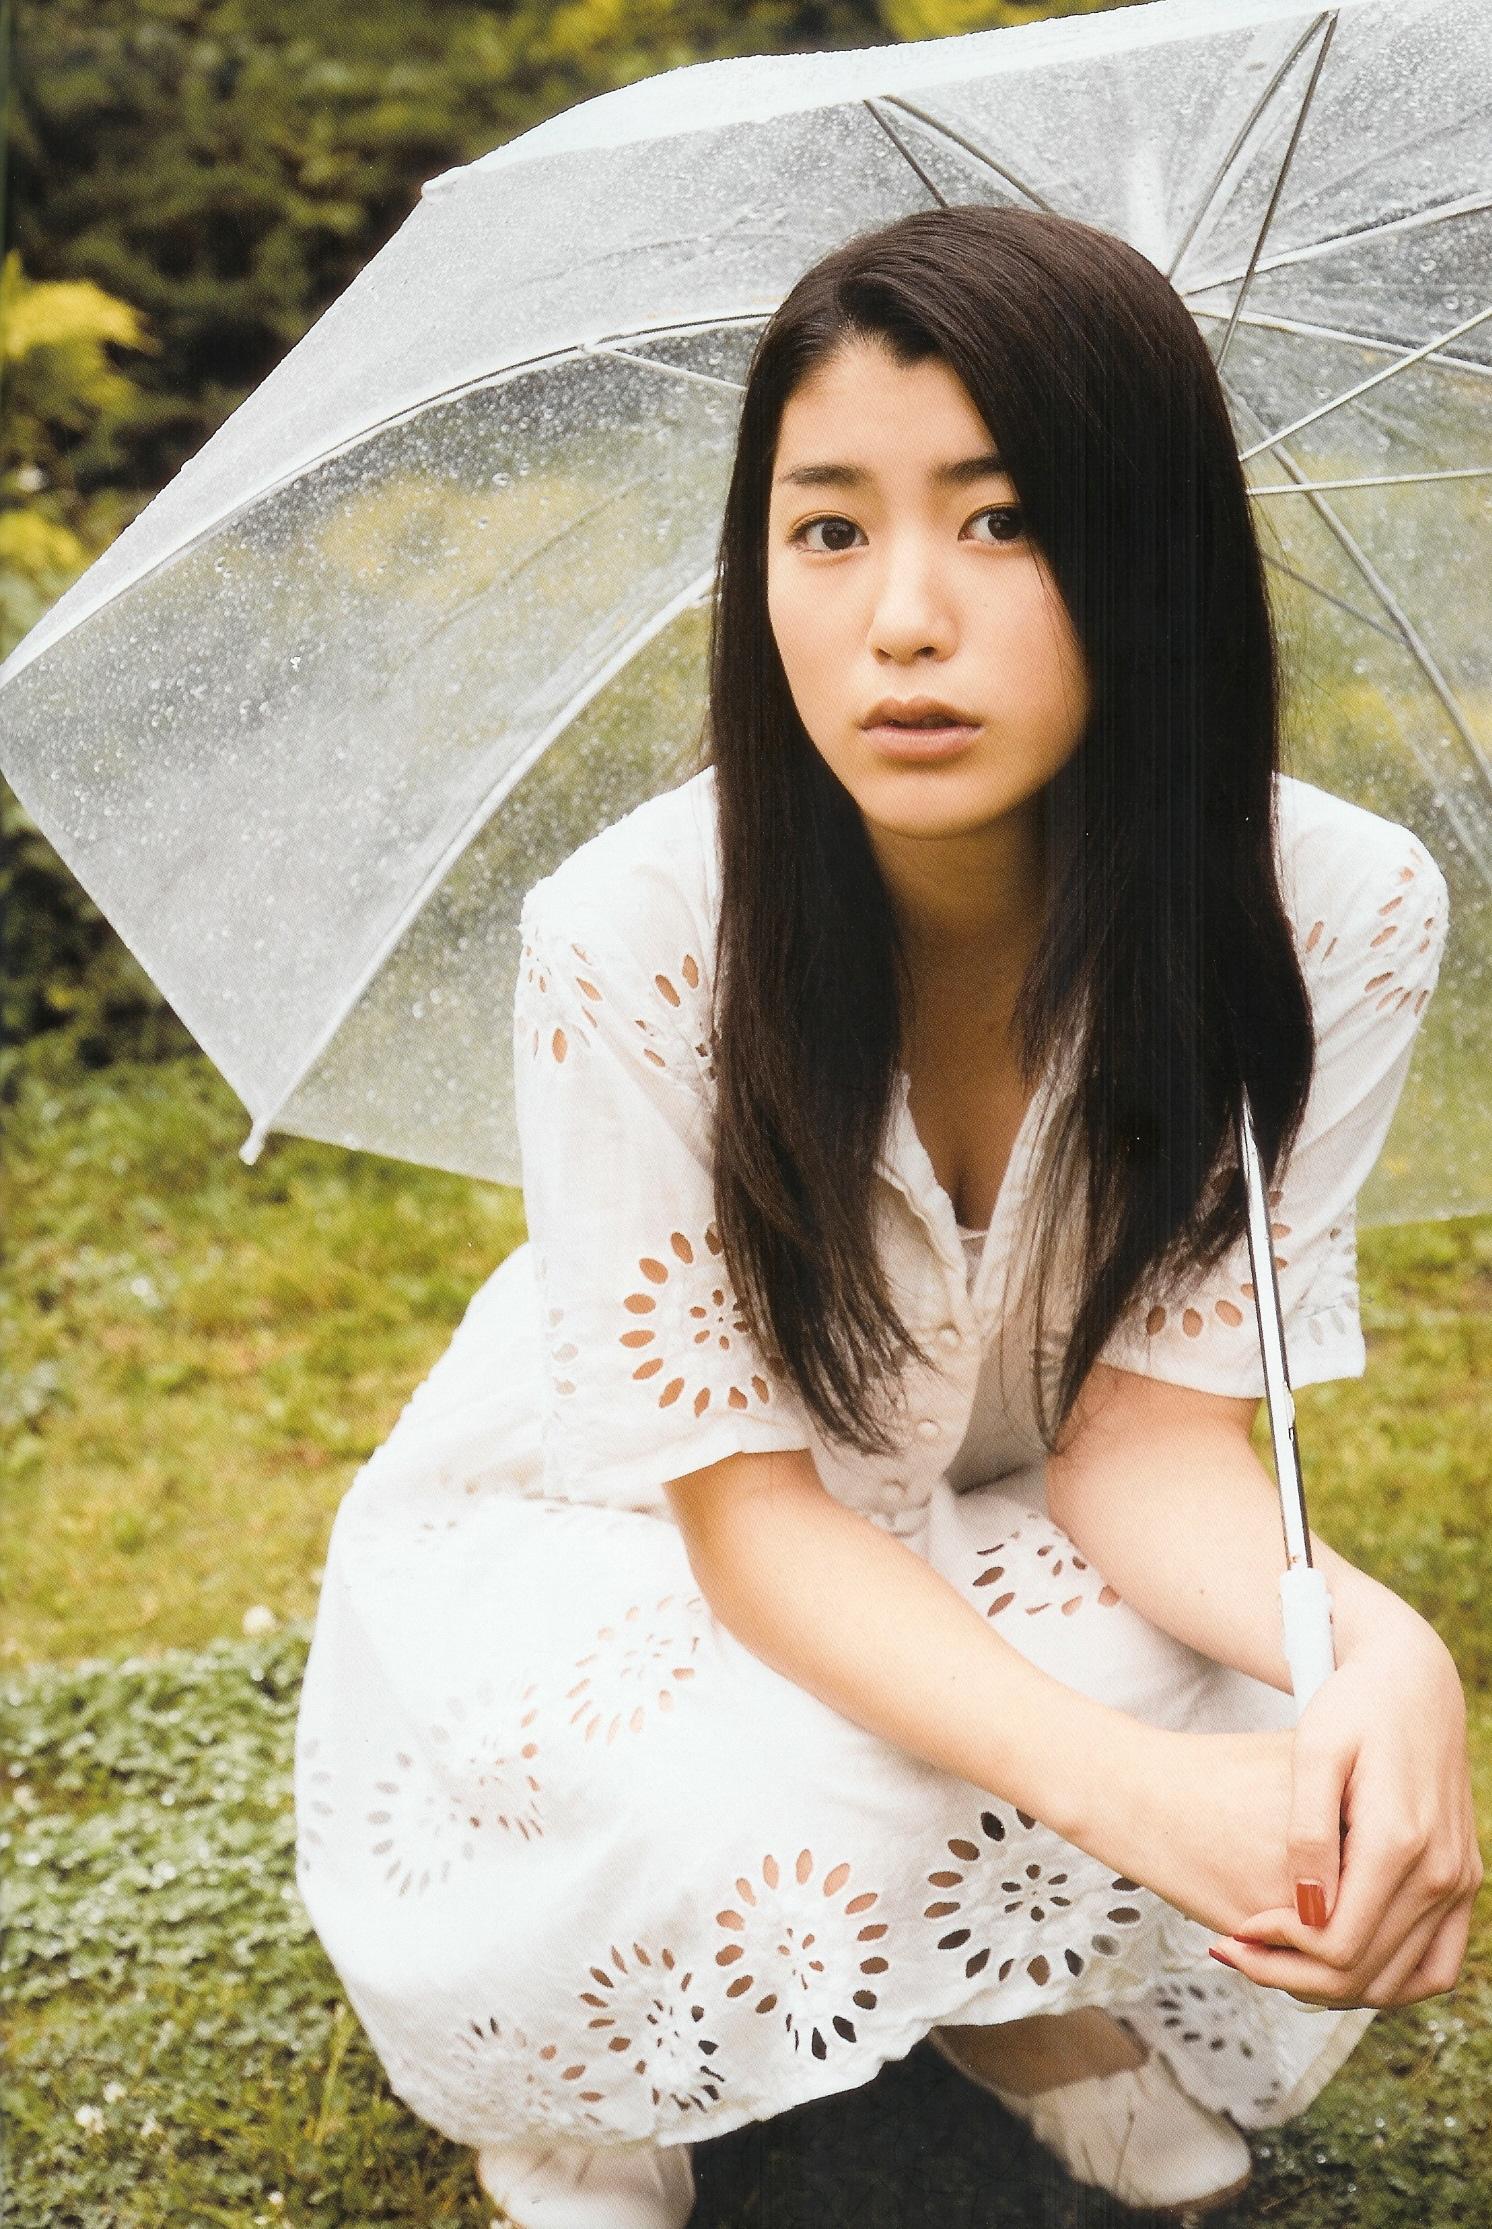 【衝撃】女優・成海璃子の喫煙の噂についてまとめてみました【画像】のサムネイル画像